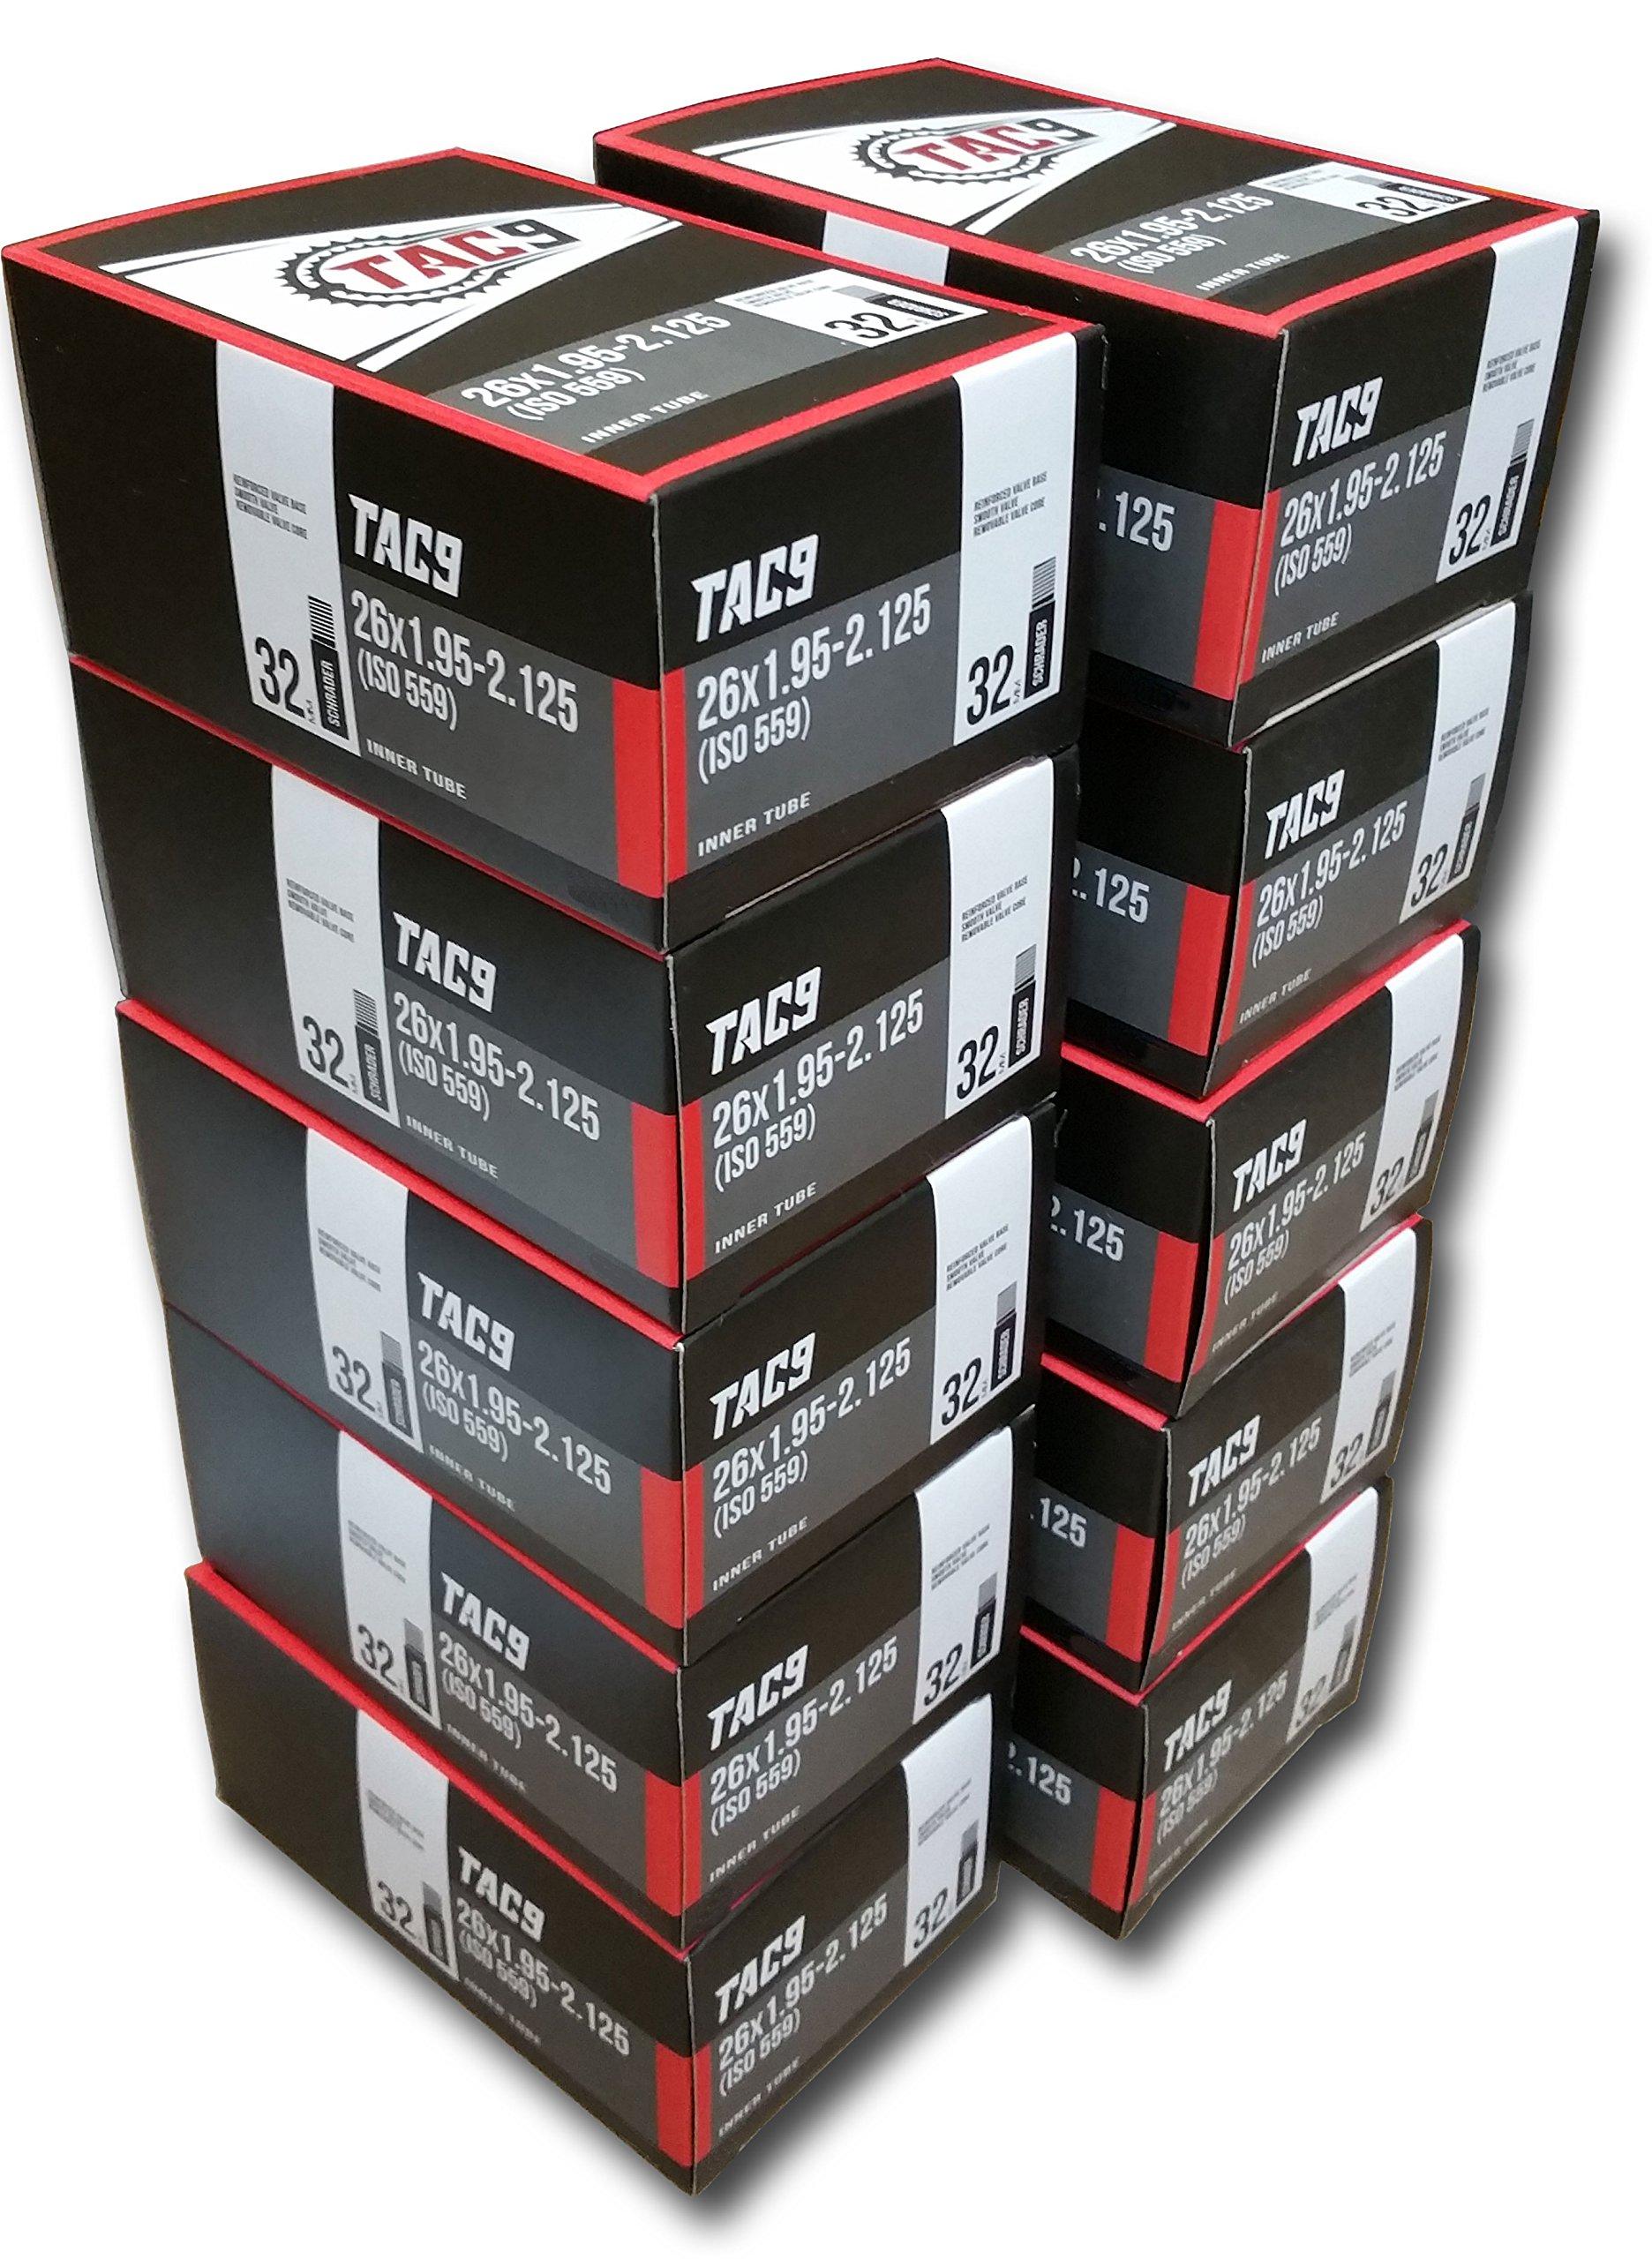 TAC 9 10 Pack Bike Tubes, 26 x 1.95-2.125'' Regular Valve 32mm - Ten Tubes ONLY Bundle